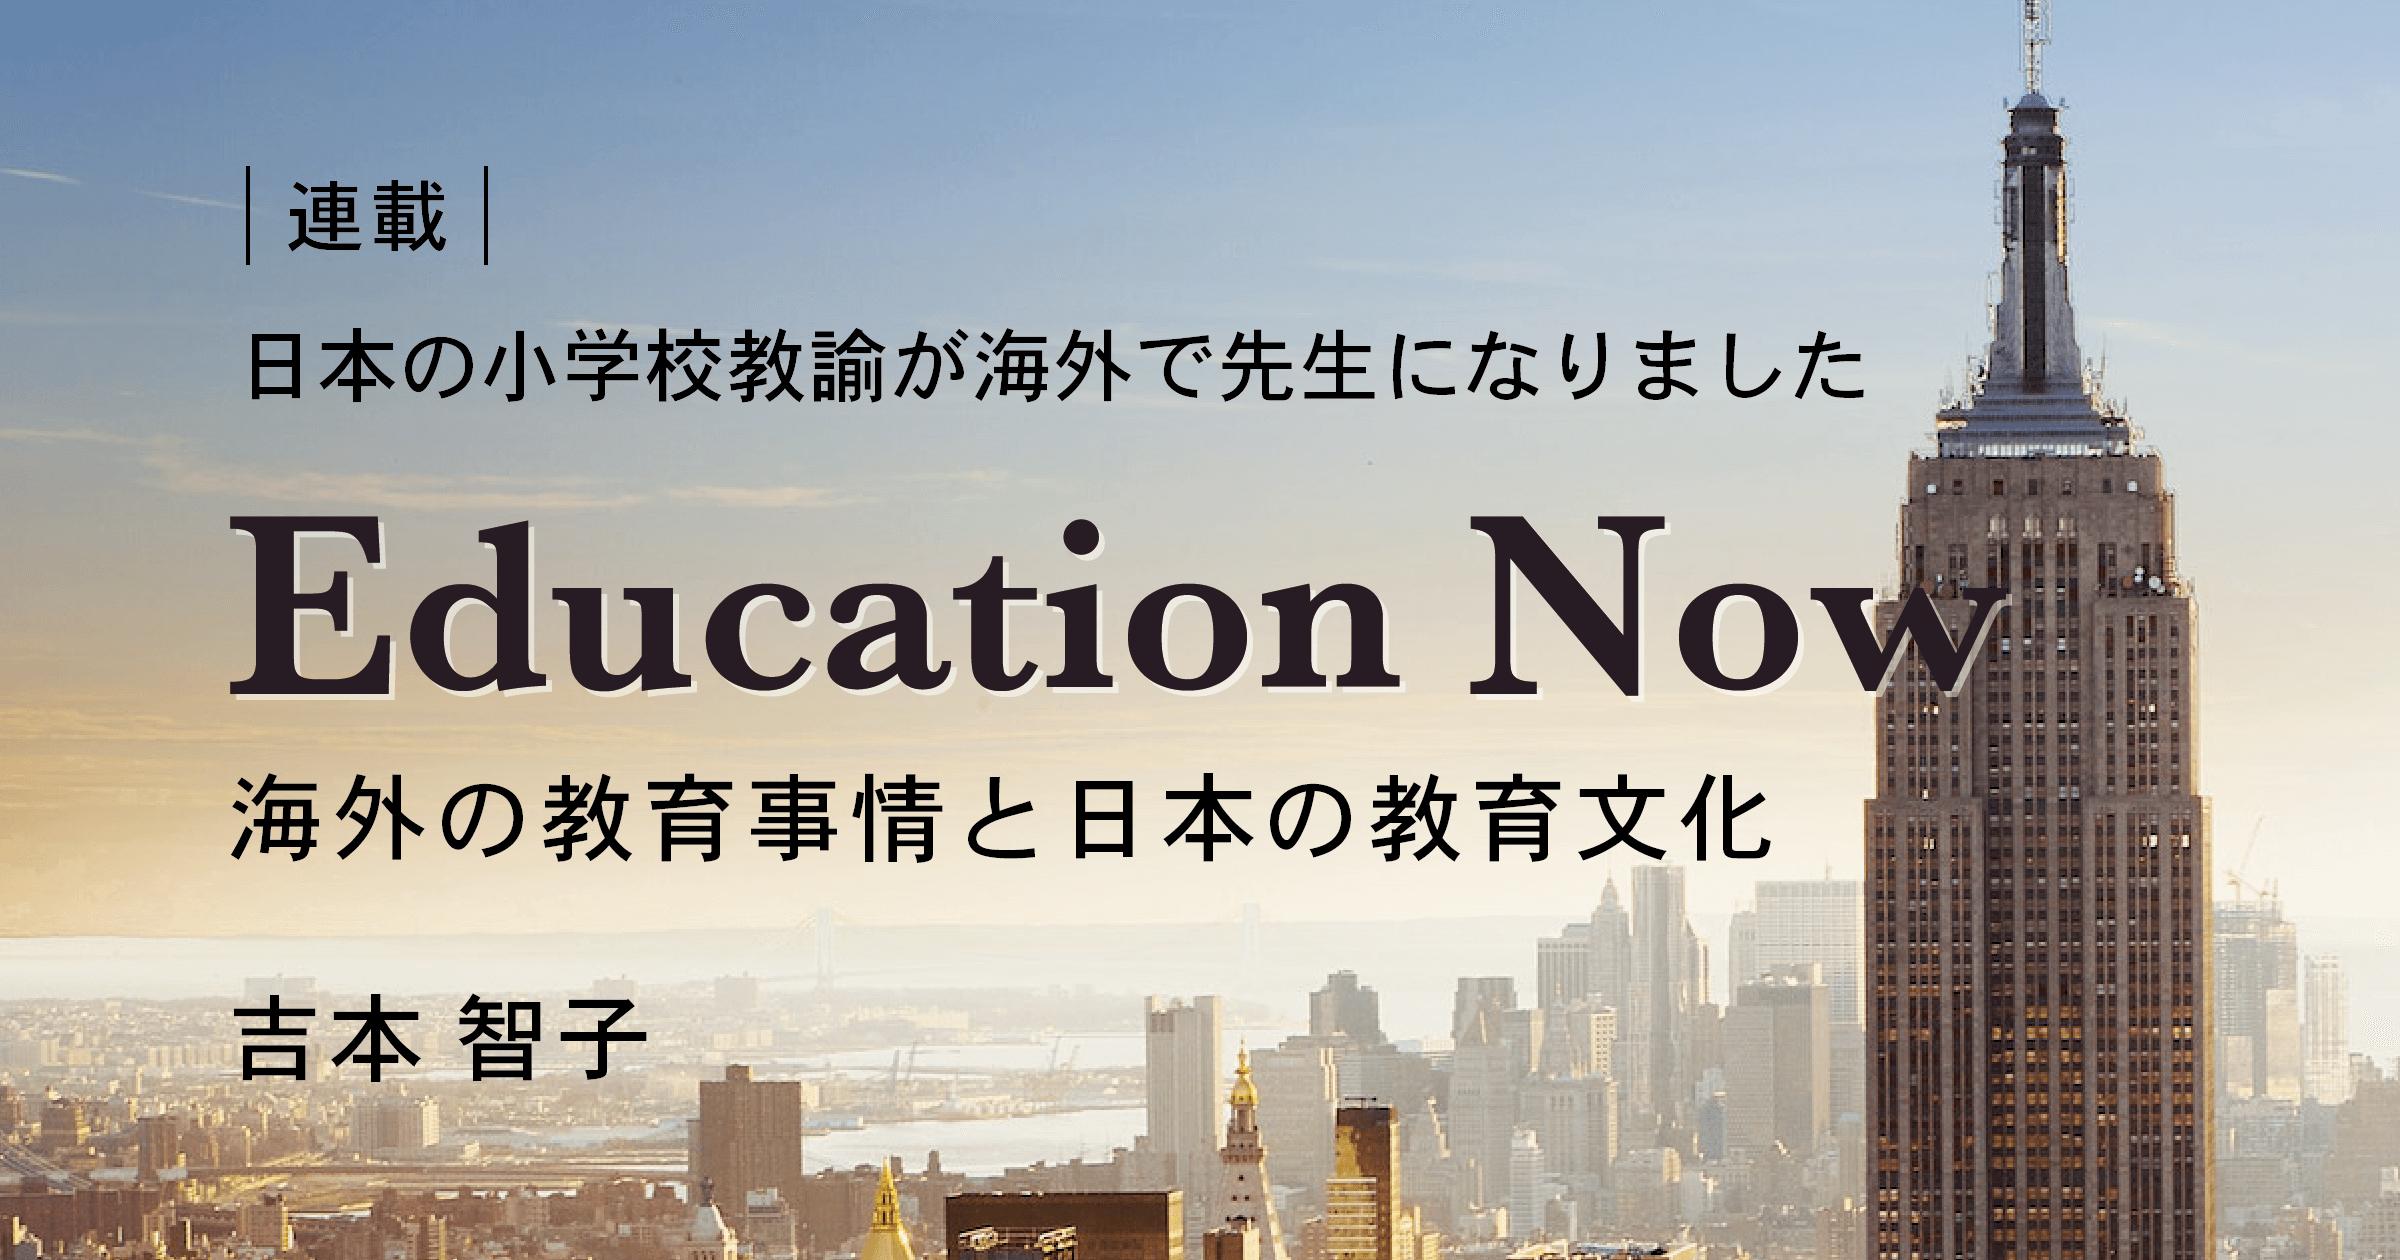 【Education Now 第2回】日本の算数はインターより難しい? 学校選びで大切なこと